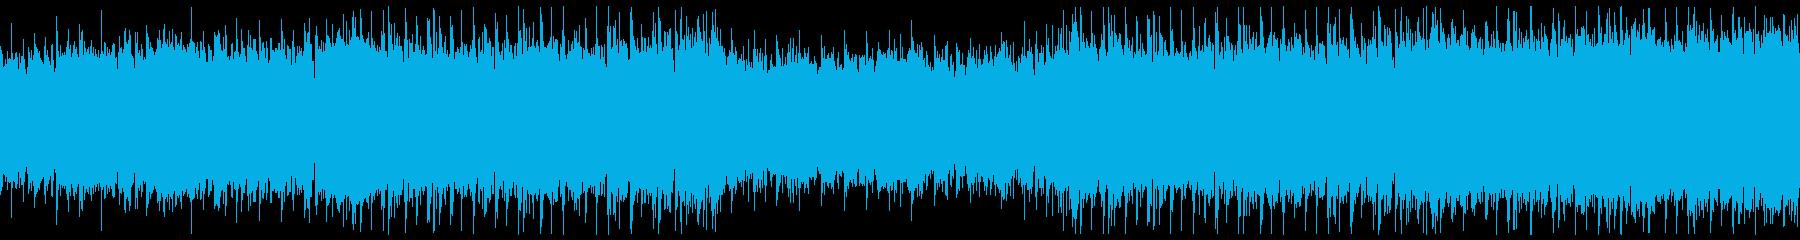 穏やかな日常・ストリングスポップ・ループの再生済みの波形